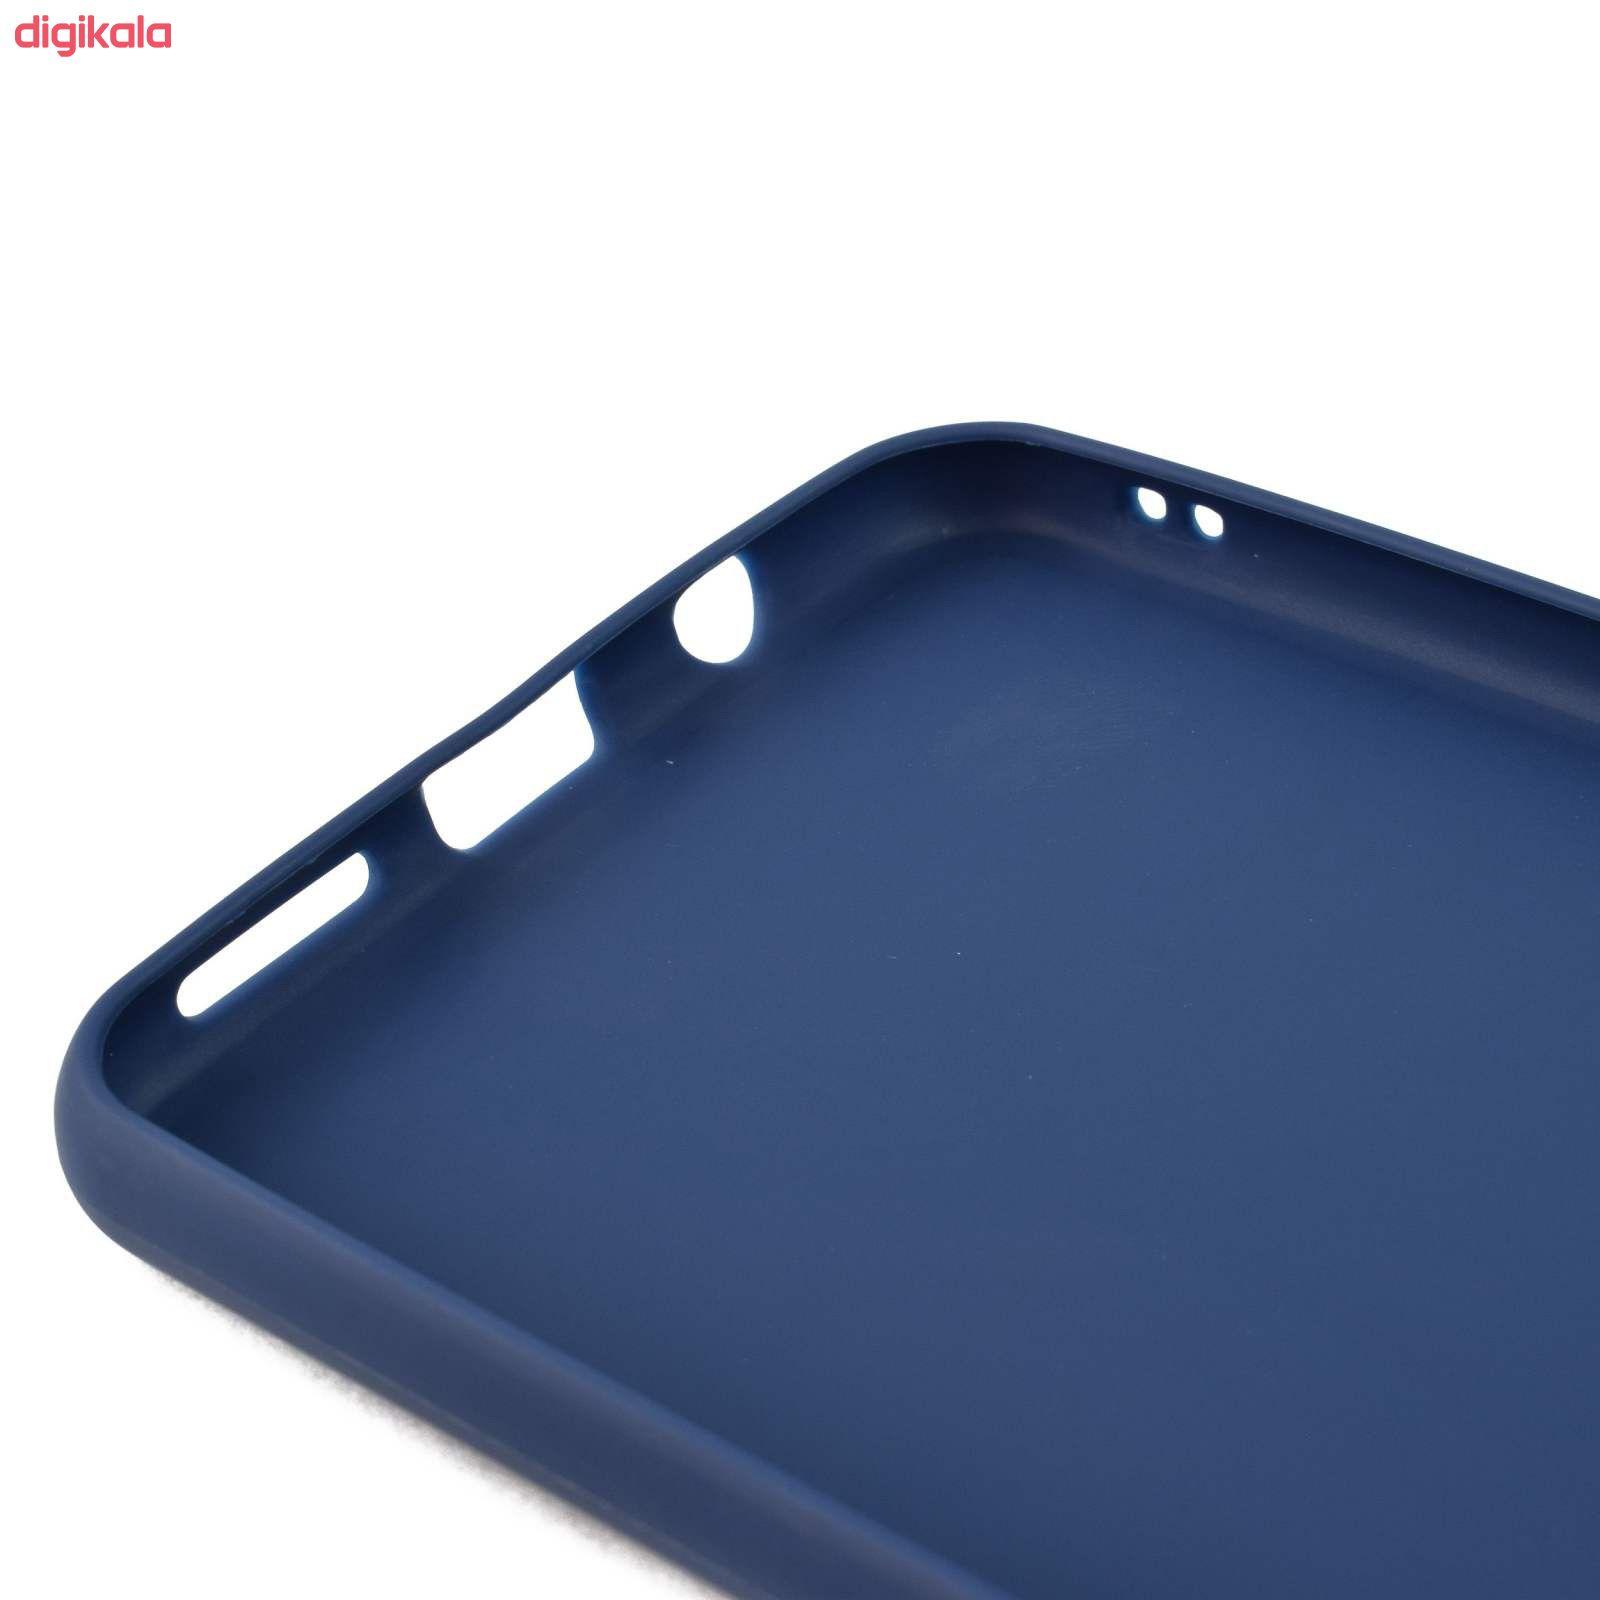 کاور مدل 01 مناسب برای گوشی موبایل سامسونگ Galaxy A7 2018 / A750 main 1 2